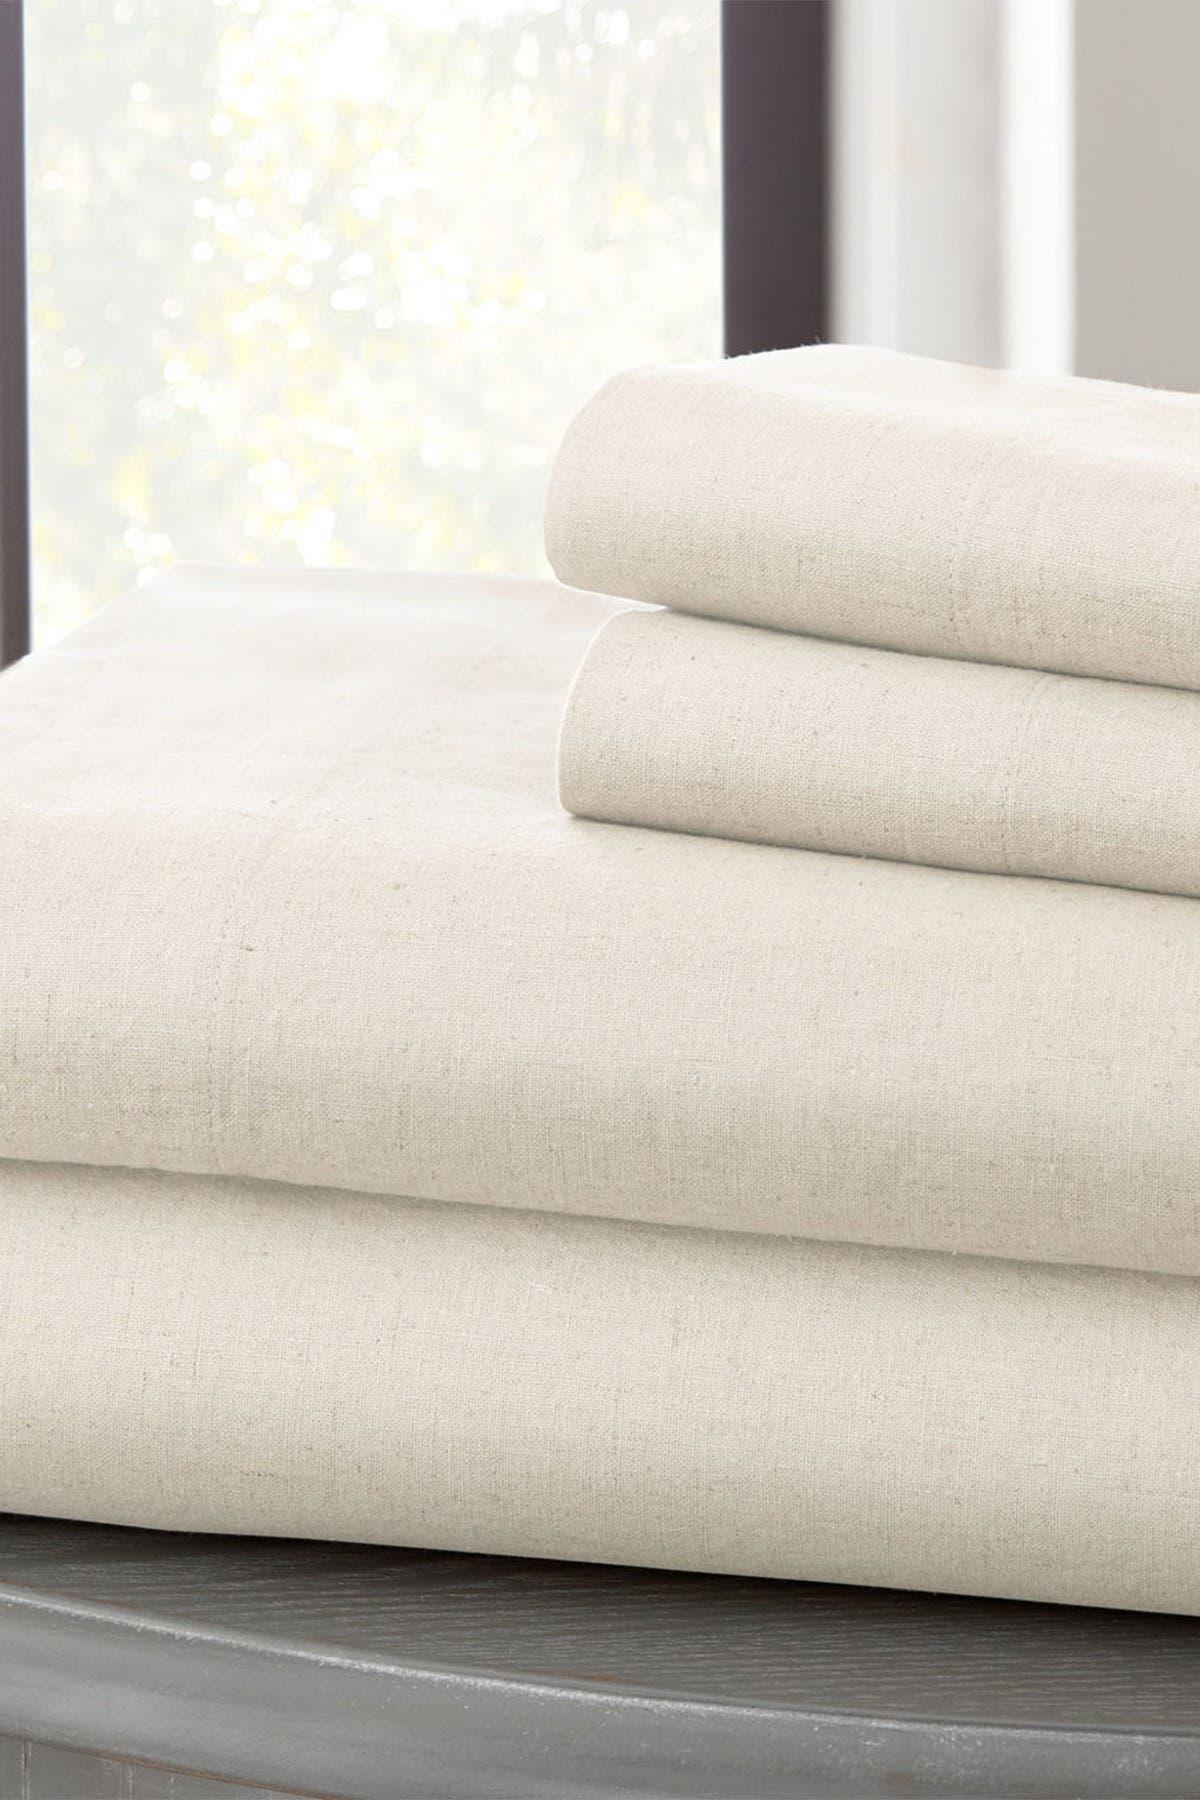 Image of Modern Threads Linen Blend Queen Sheet Set - White